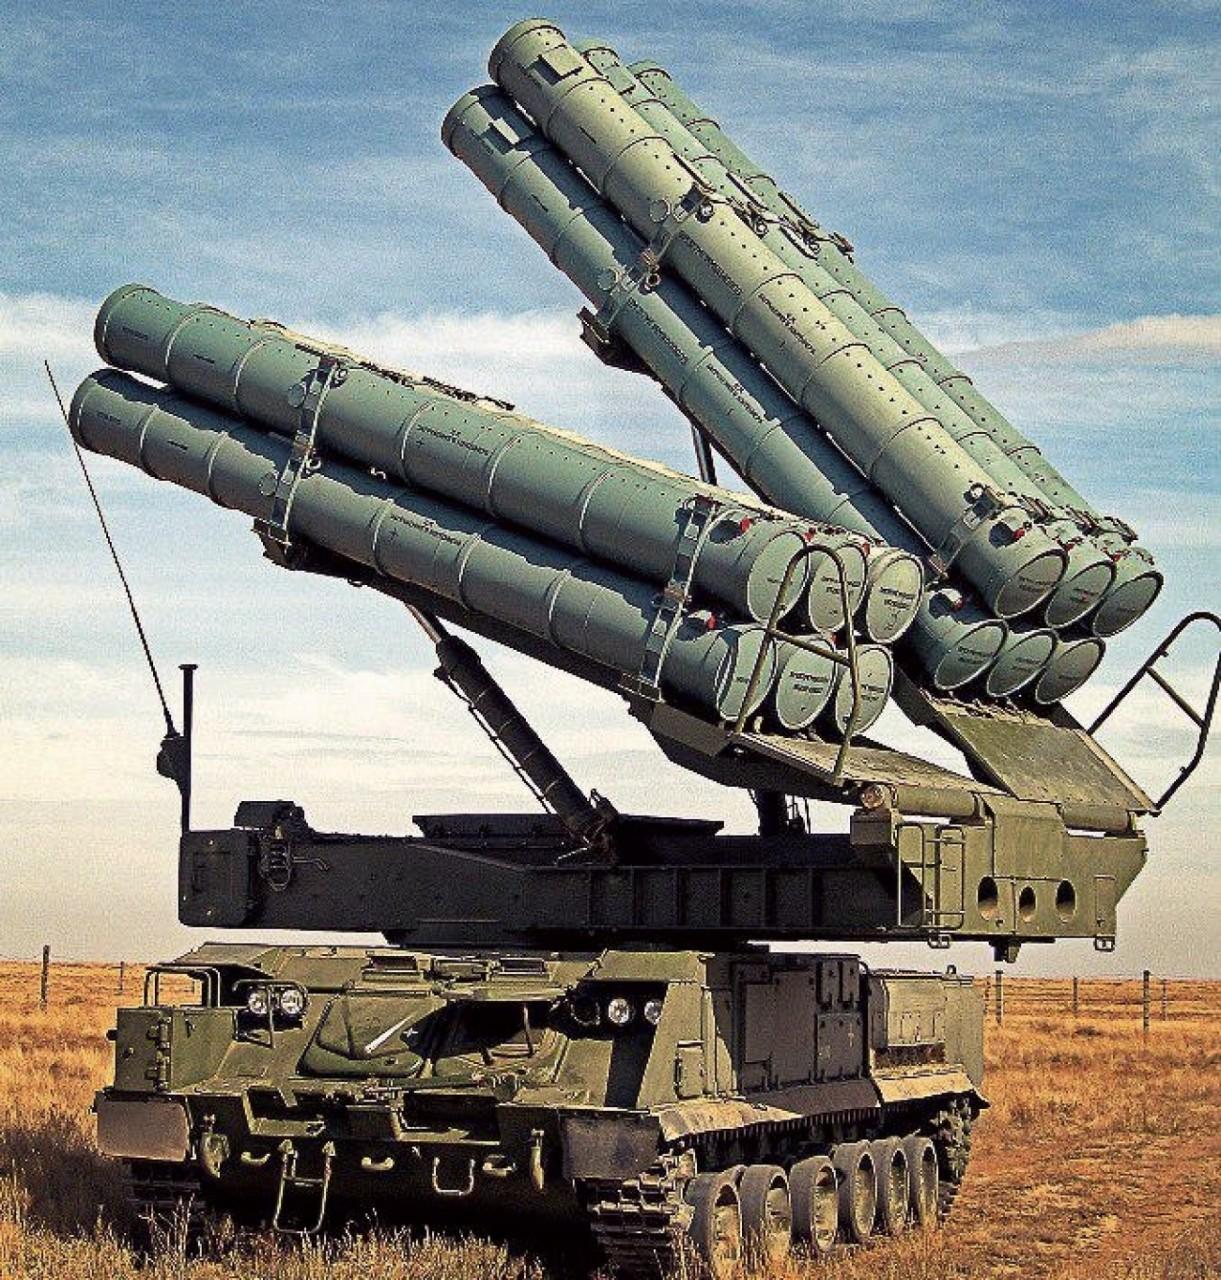 Гендиректор НИИП имени Тихомирова Юрий Белый: «Среди мобильных ЗРК средней дальности равных комплексу «Бук-М3» по боевой эффективности не существует»